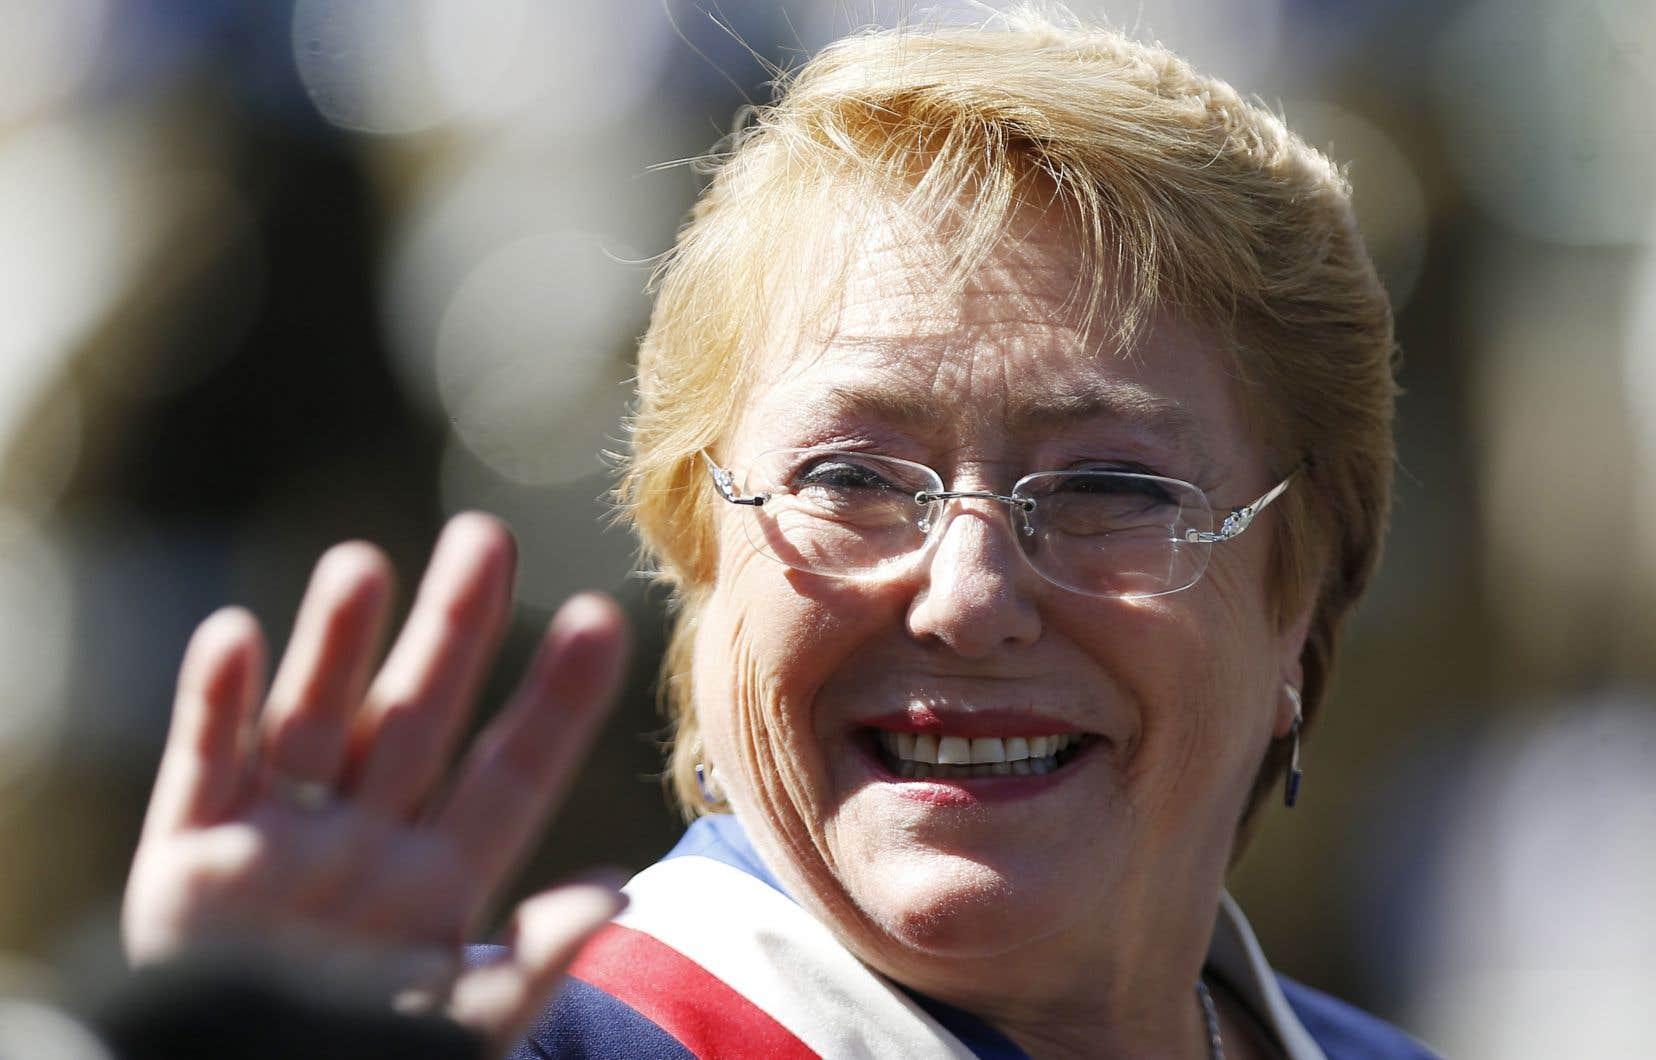 Rompant avec le style figé de la classe politique traditionnelle, Michelle Bachelet s'est fortement engagée en faveur de l'amélioration des droits des femmes tout au long de sa carrière politique.